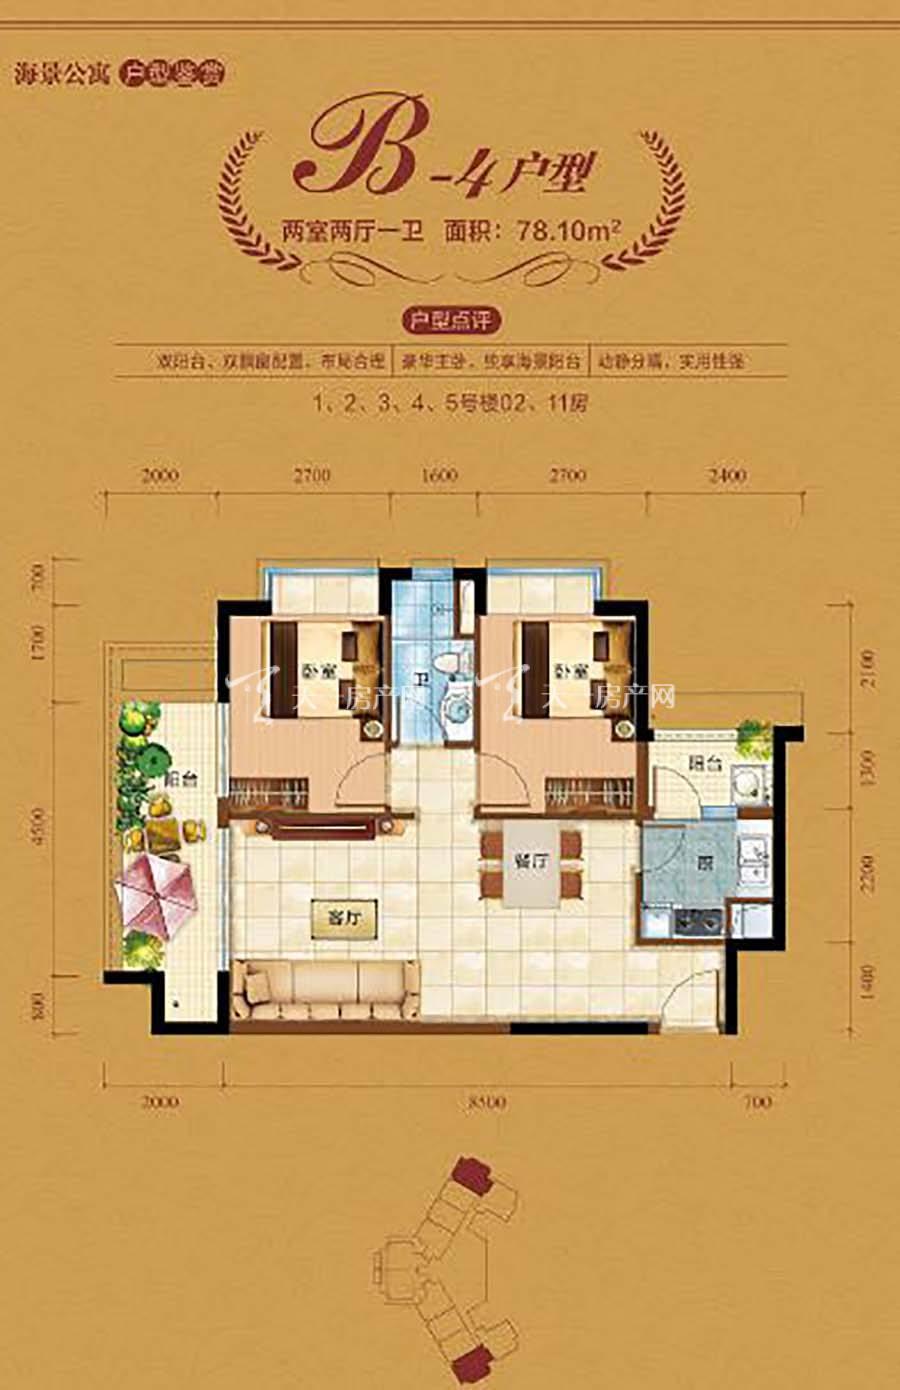 中视金海湾二期B4户型/2房2厅1卫/建筑面积:约78.10㎡